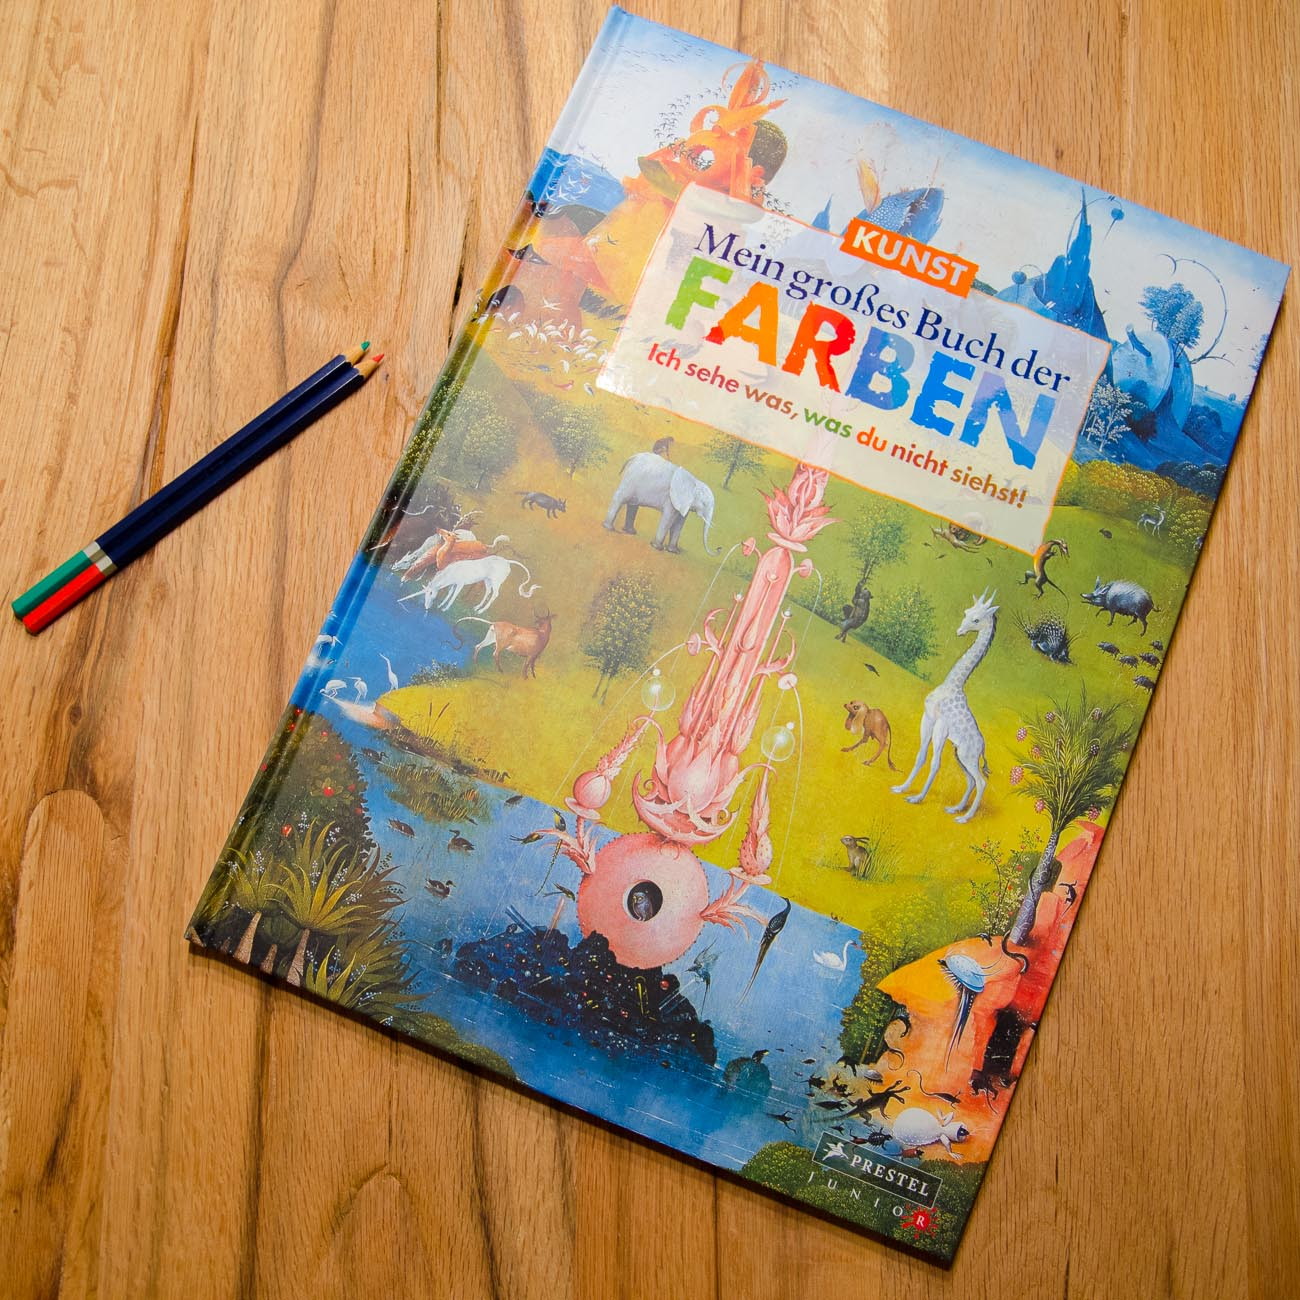 (ART)BOOKS WE LOVE | Mein großes Buch der Farben ...